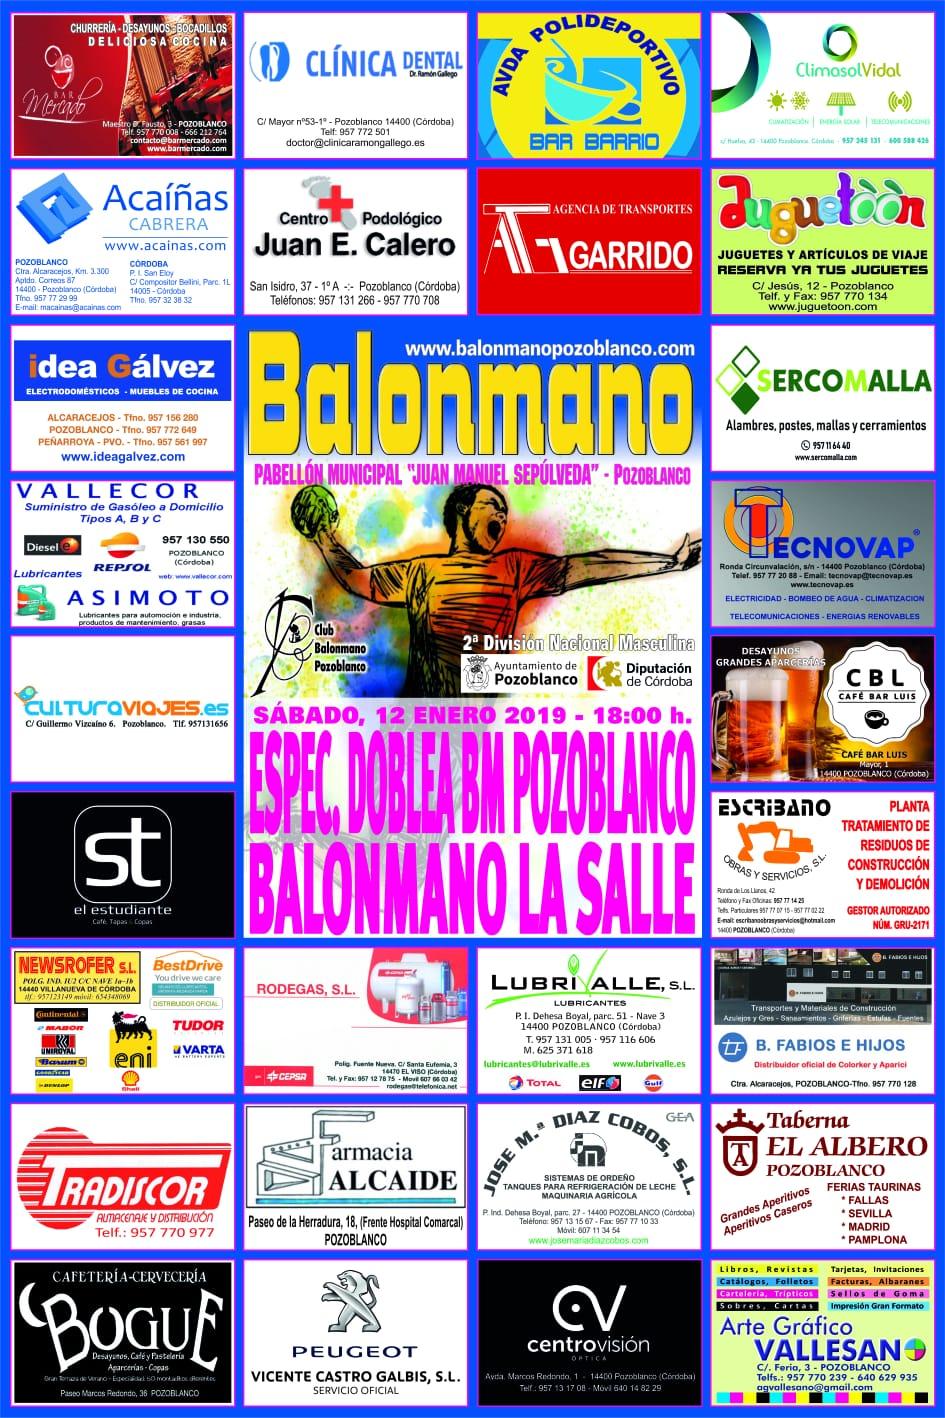 BM Pozoblanco - BM La Salle - Enero 2019